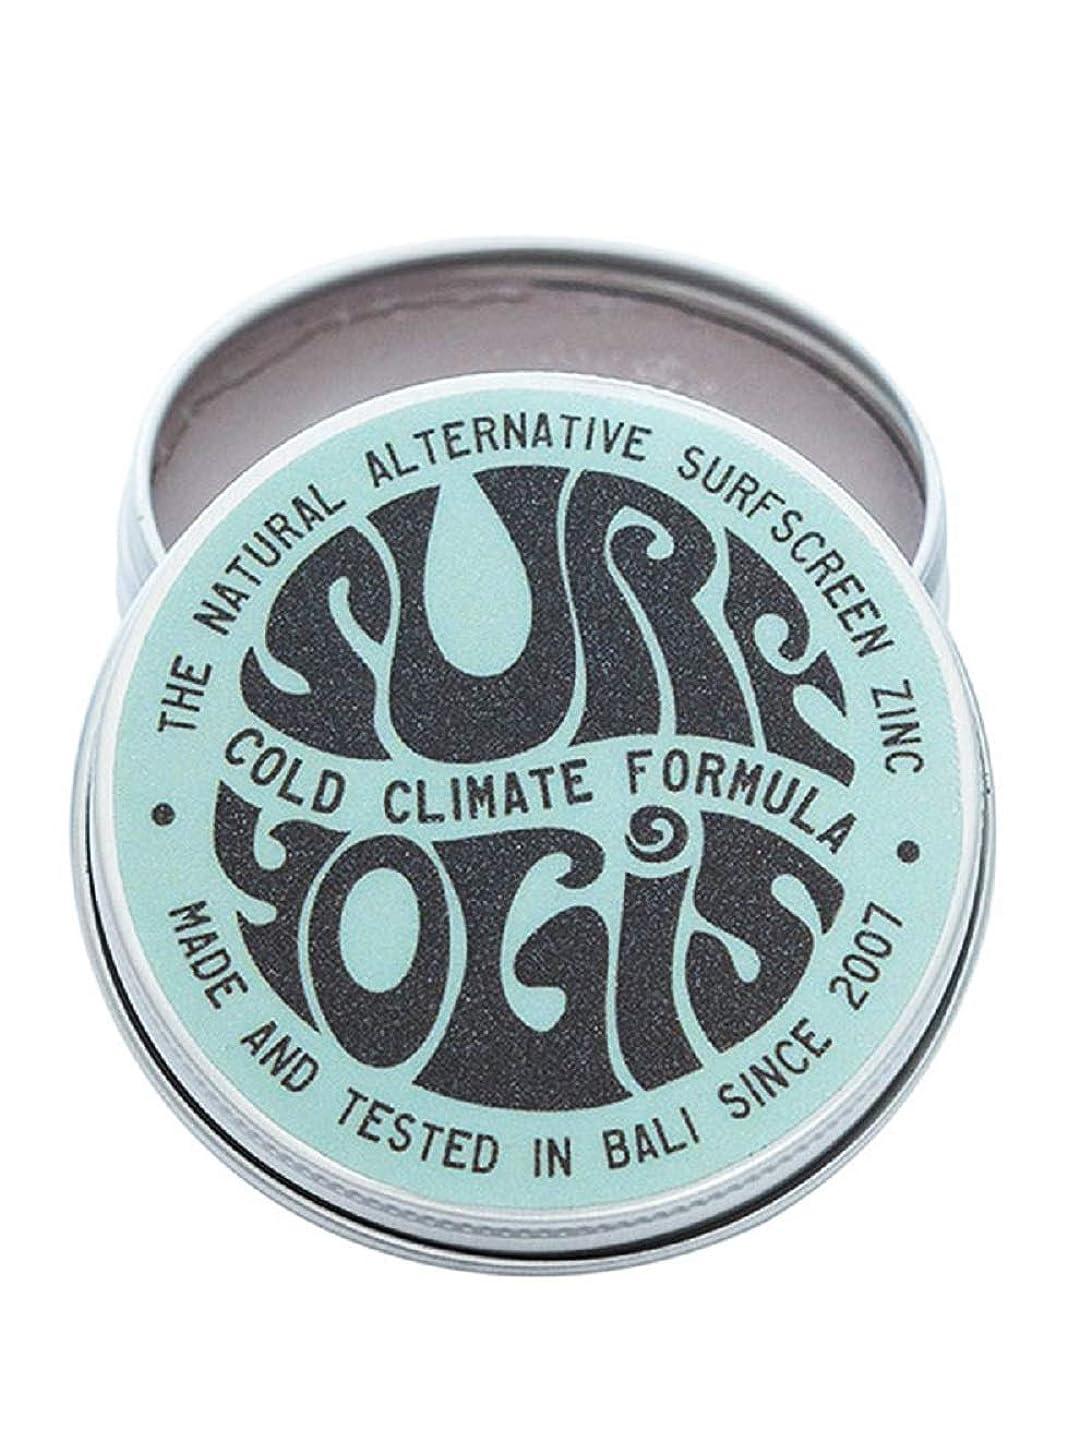 できたトンネル合図SURF YOGIS(サーフヨギ) ナチュラルサーフスクリーン COLD CLIMATE FORMULA フォーミュラ 冬用 柔らかめ 日焼け止め オーガニック素材 60g SPF50 ノンケミカル